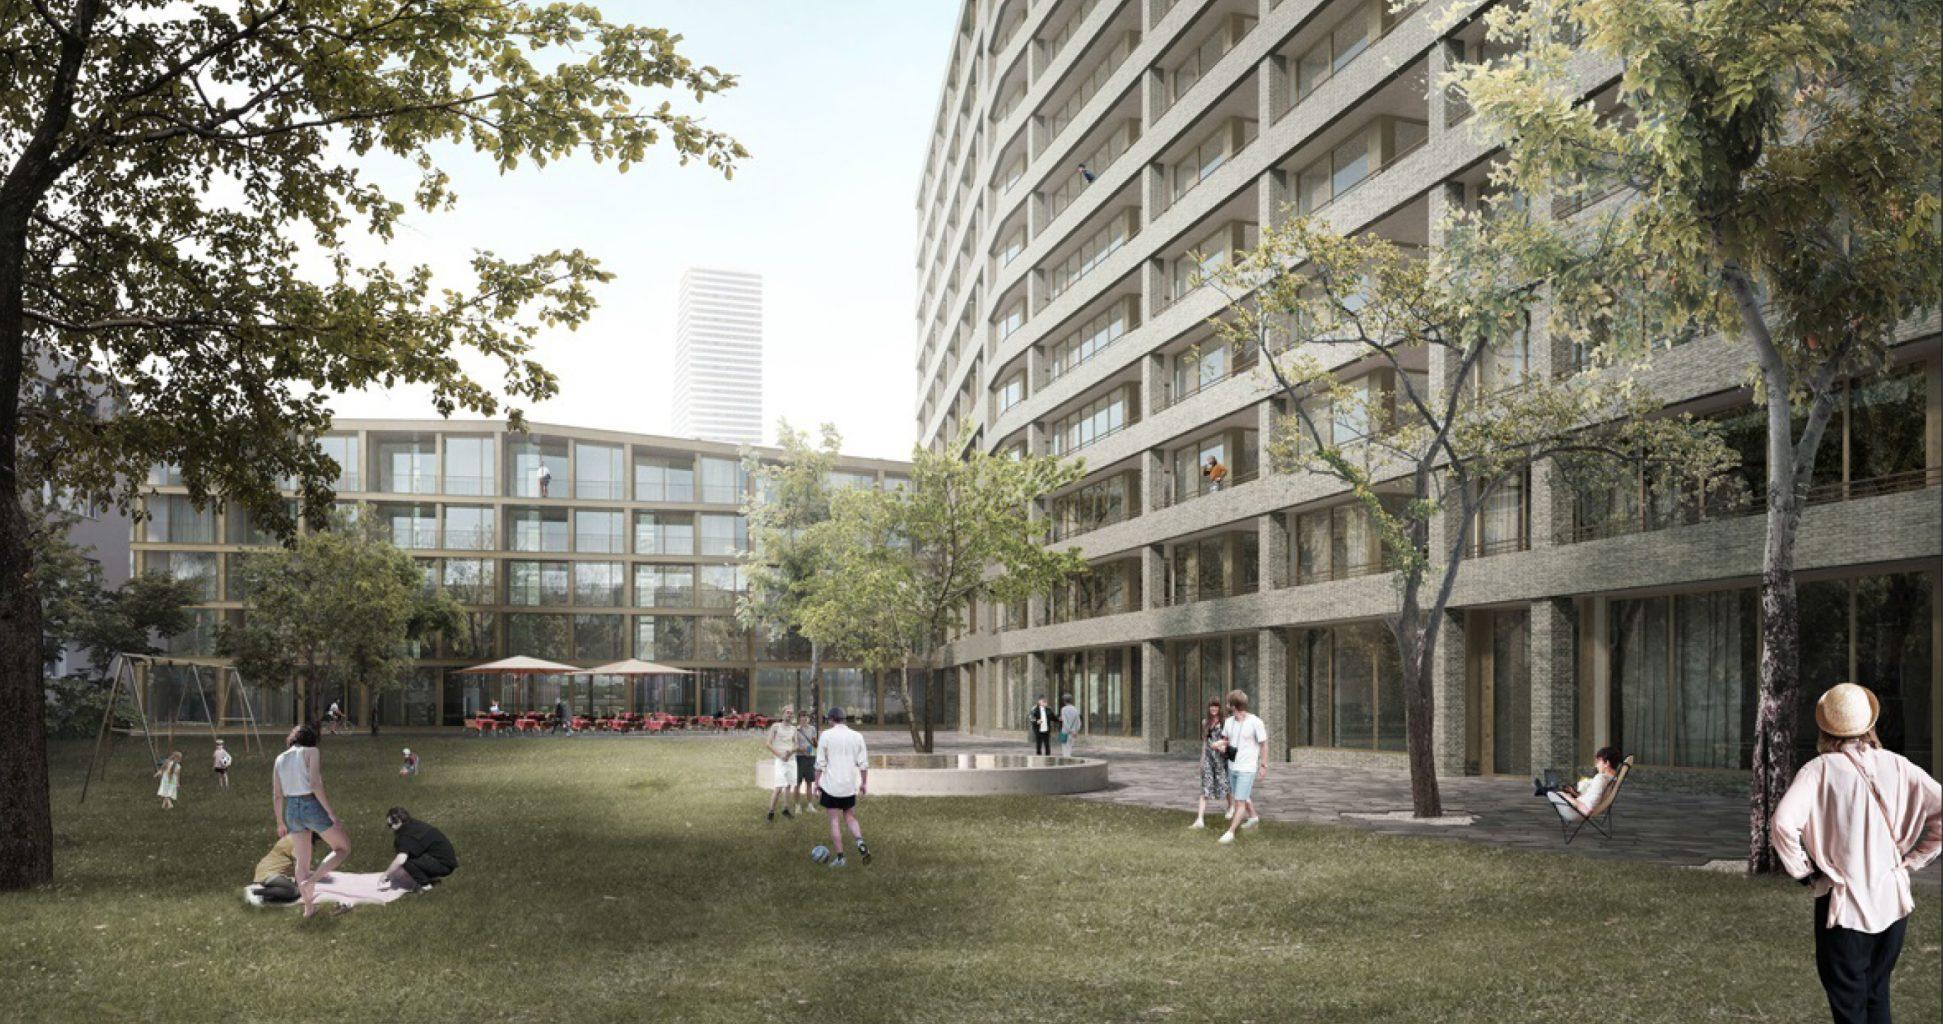 buchner br ndler architekten planen 170 neue wohnungen samt hochhaus am eisenbahnweg. Black Bedroom Furniture Sets. Home Design Ideas